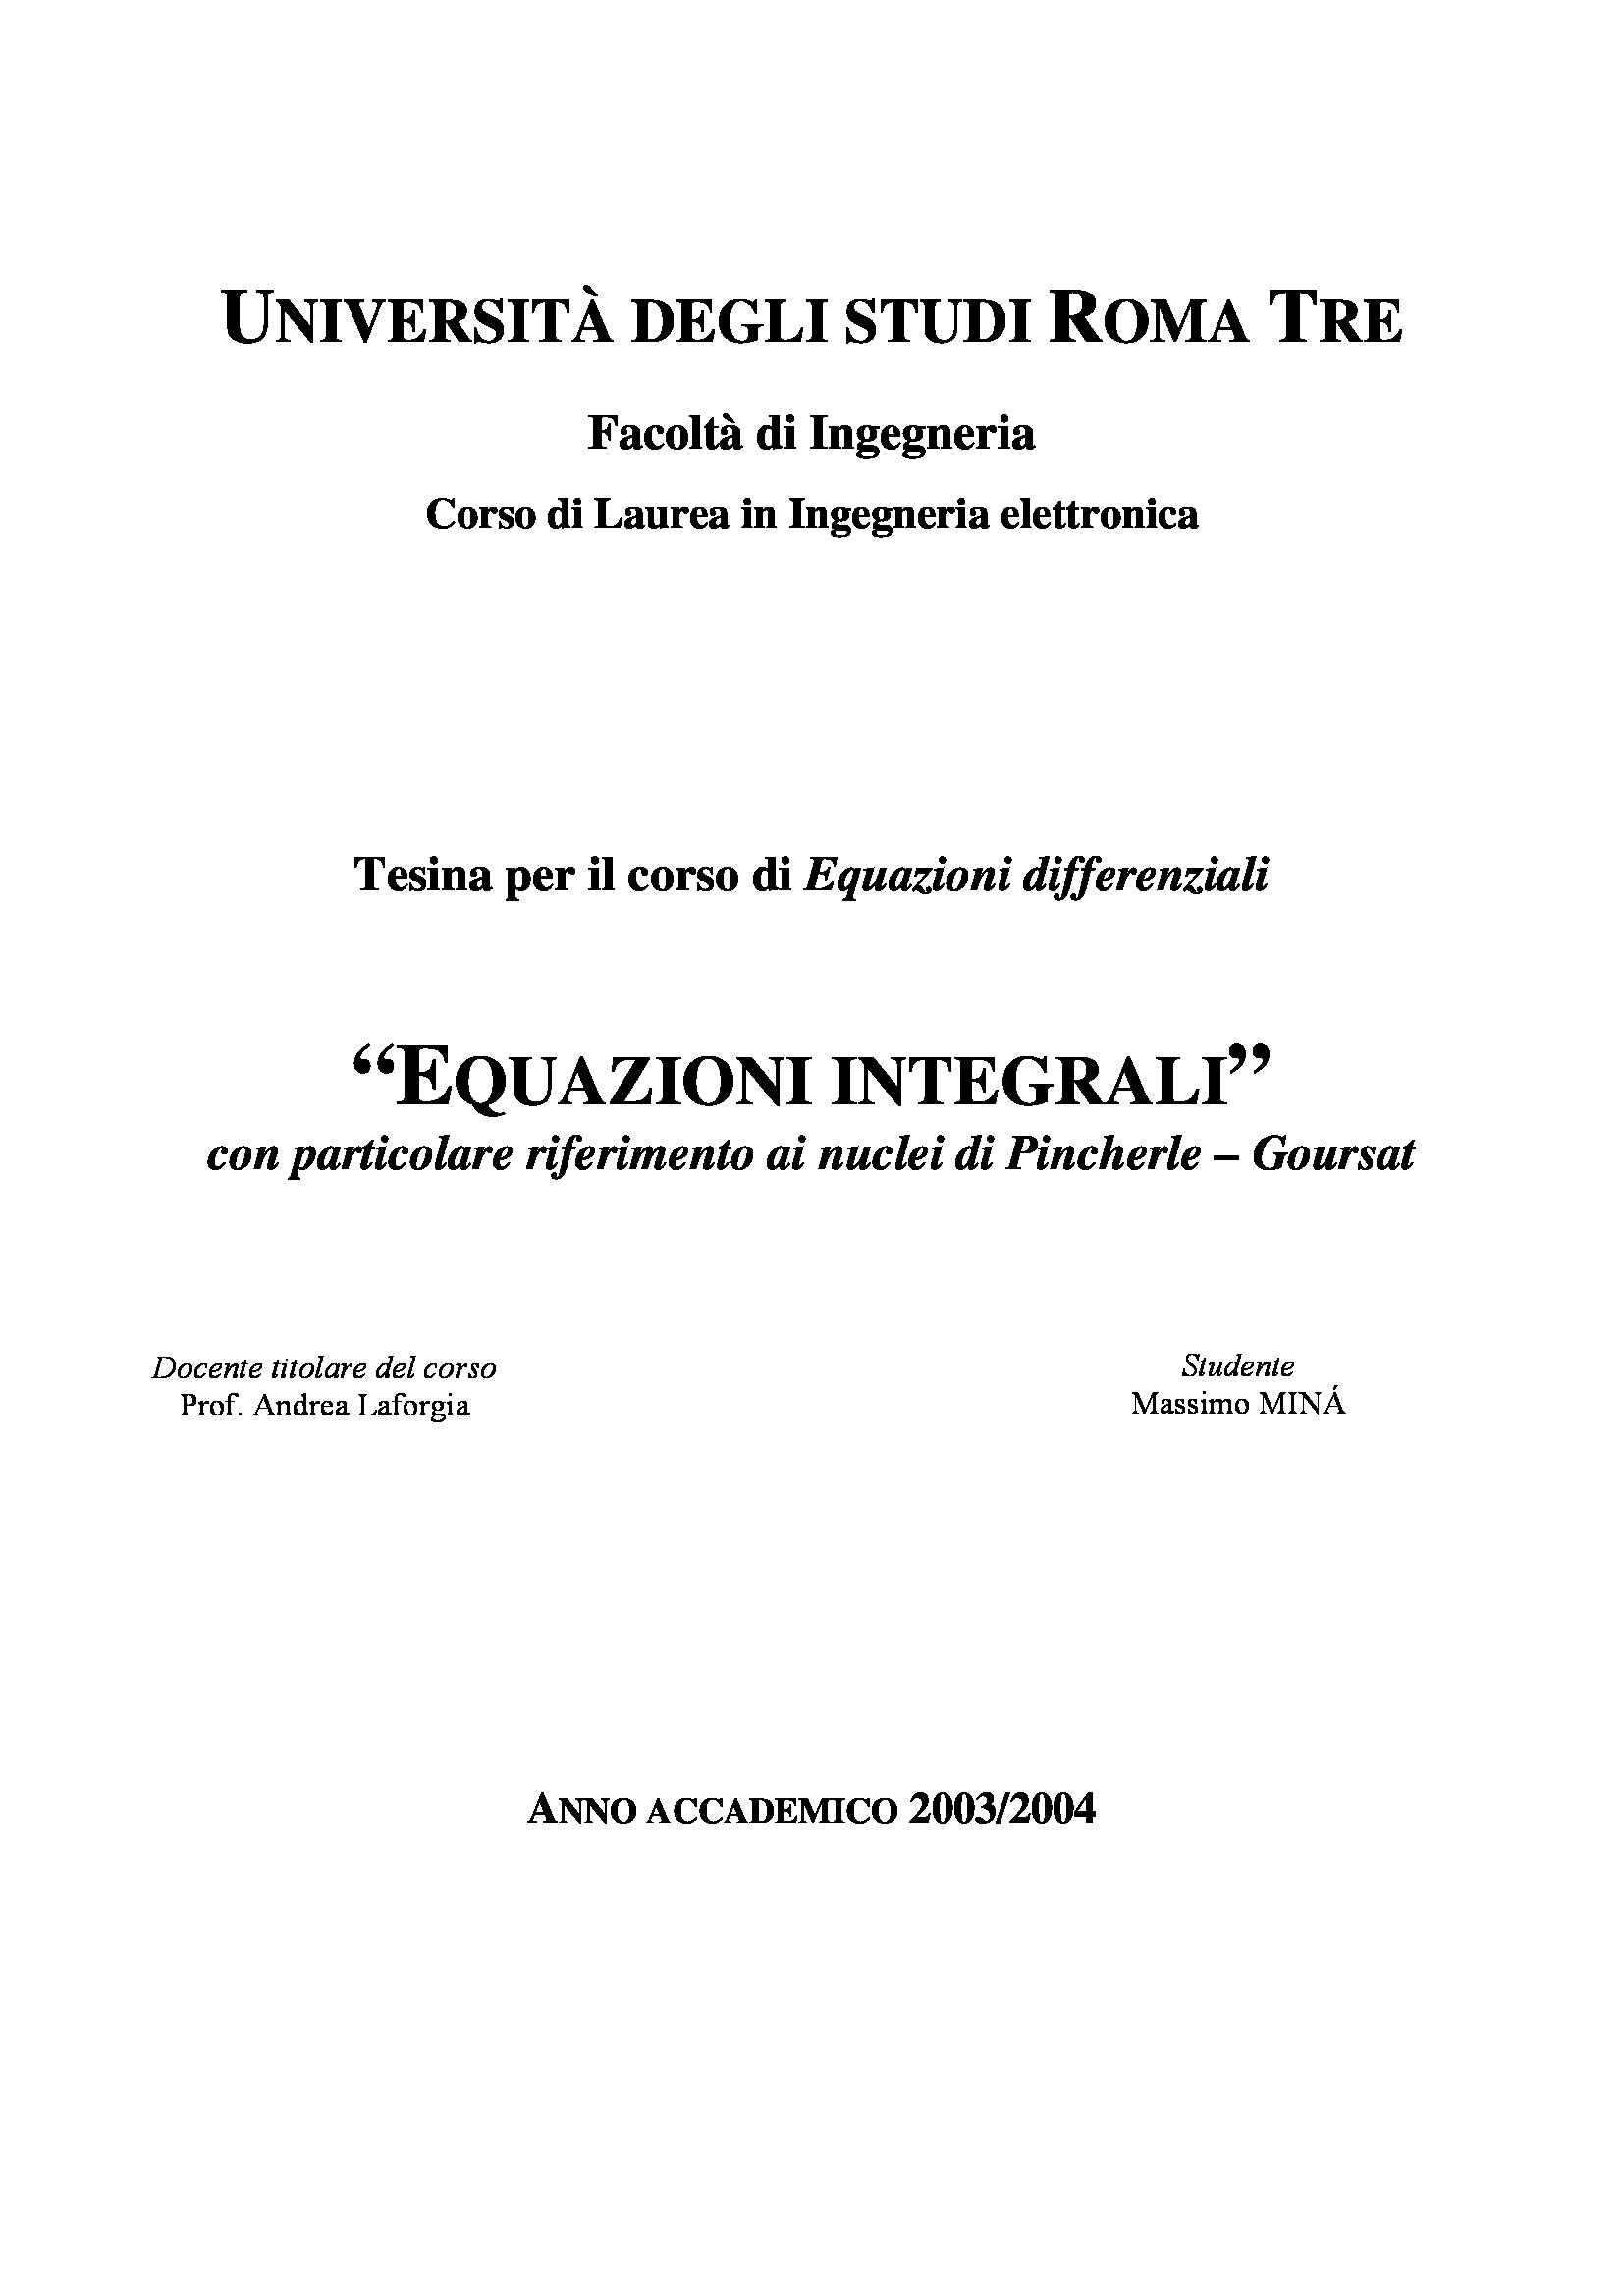 Tesina equazioni integrali, con particolare riferimento ai nuclei di Pincherle-Goursat